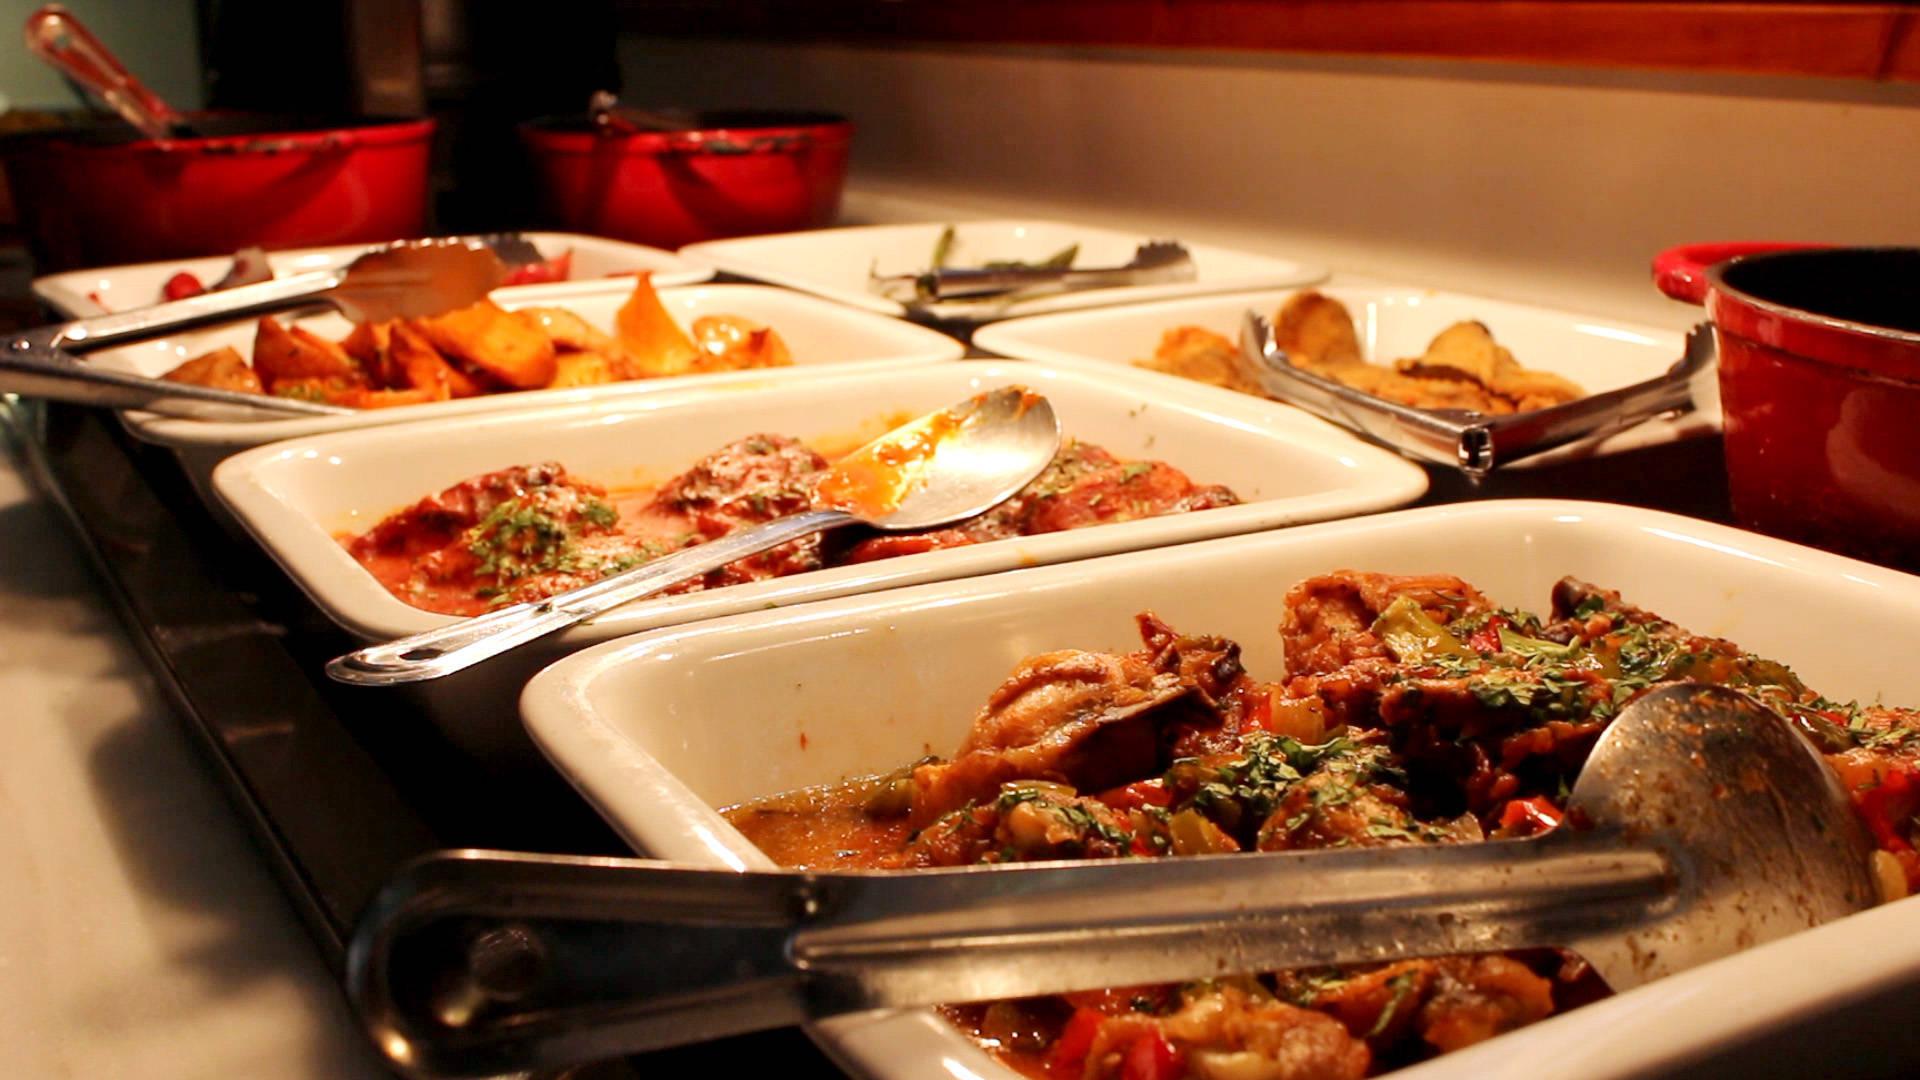 Rui abrirá este viernes su segundo restaurante en Madrid, donde prevé ingresar un millón y medio anual más.